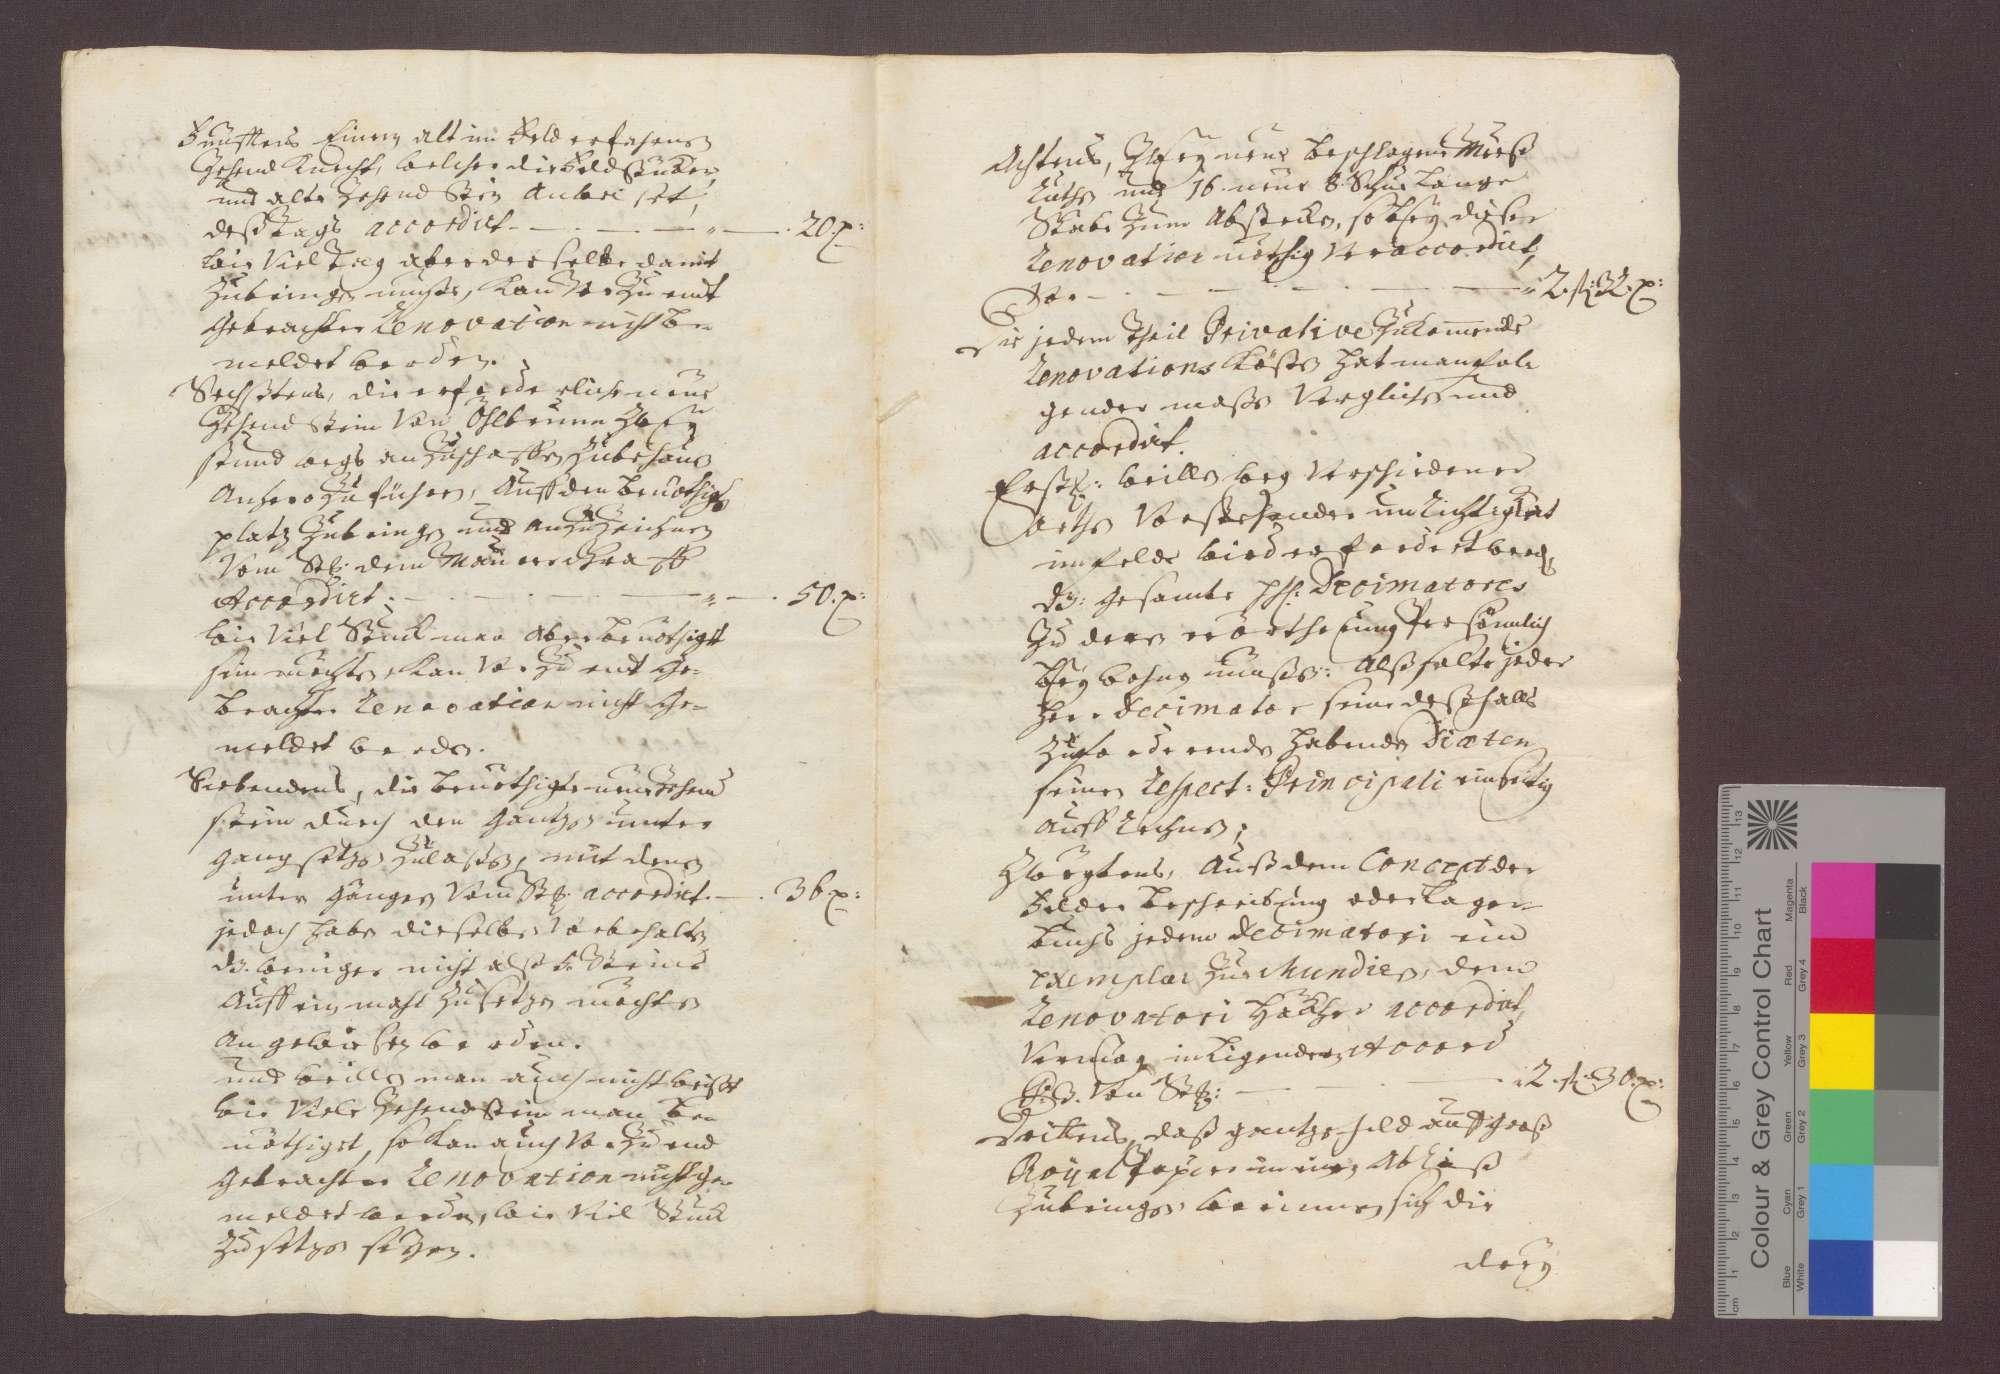 Die Dezimatoren zu Bretten vergleichen sich, da seit 1562 keine Hauptrenovation des gesamten Zehnten von Brettener Gemarkung vorgenommen wurde, wegen der entsprechenden Anteile zu repartierenden Kosten einer Renovation., Bild 3